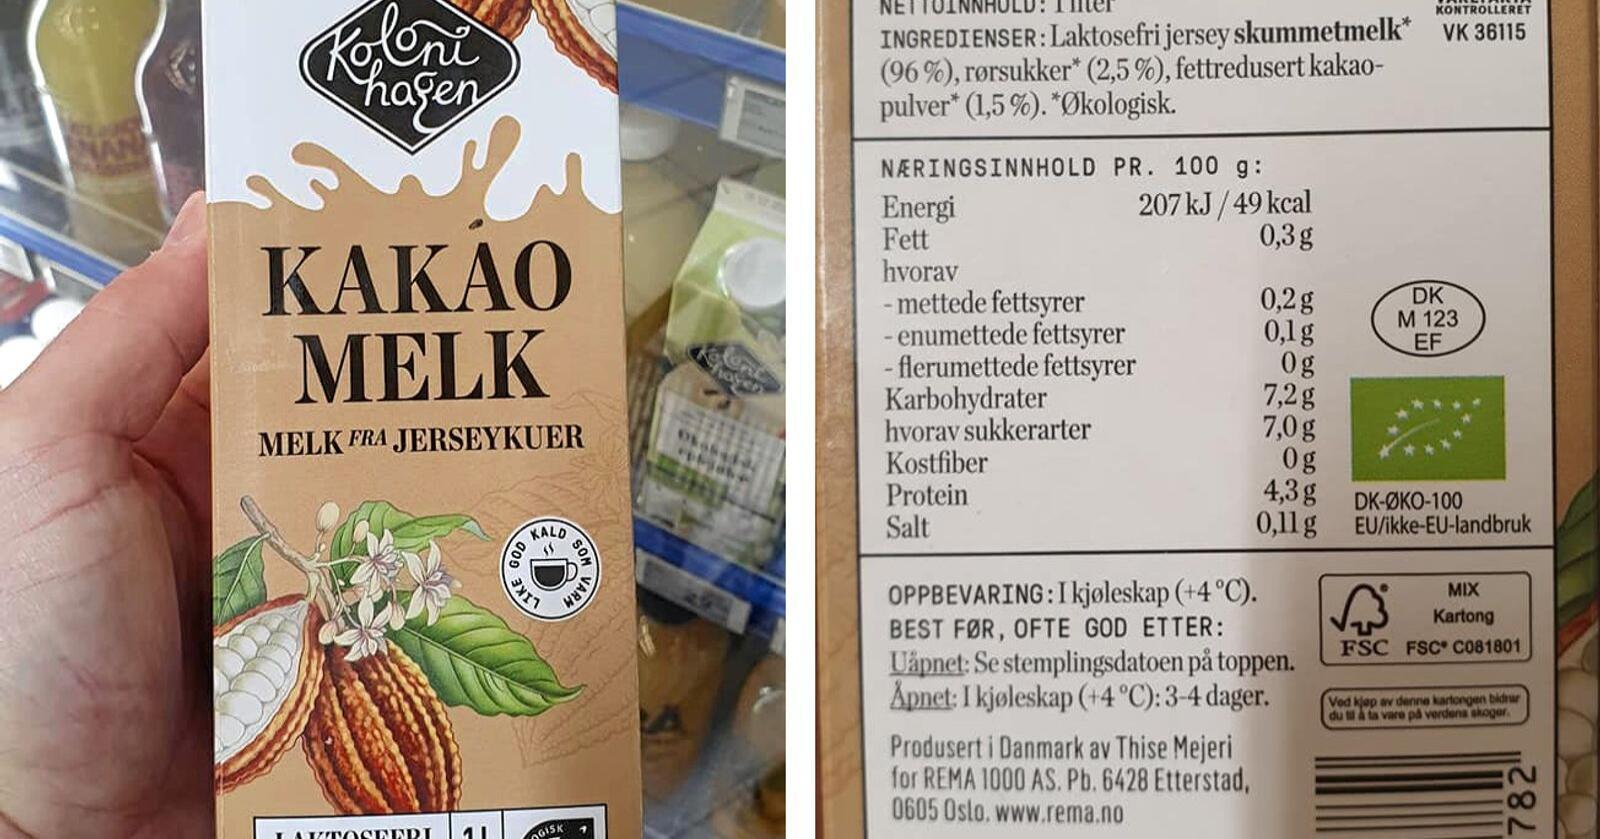 Dette produktet fra Kolonihagen, «Kakaomelk - Melk fra jerseykuer», selges som EMV-vare hos Rema 1000. Ikke alle er klar over at melken produseres i Danmark. Foto: Privat